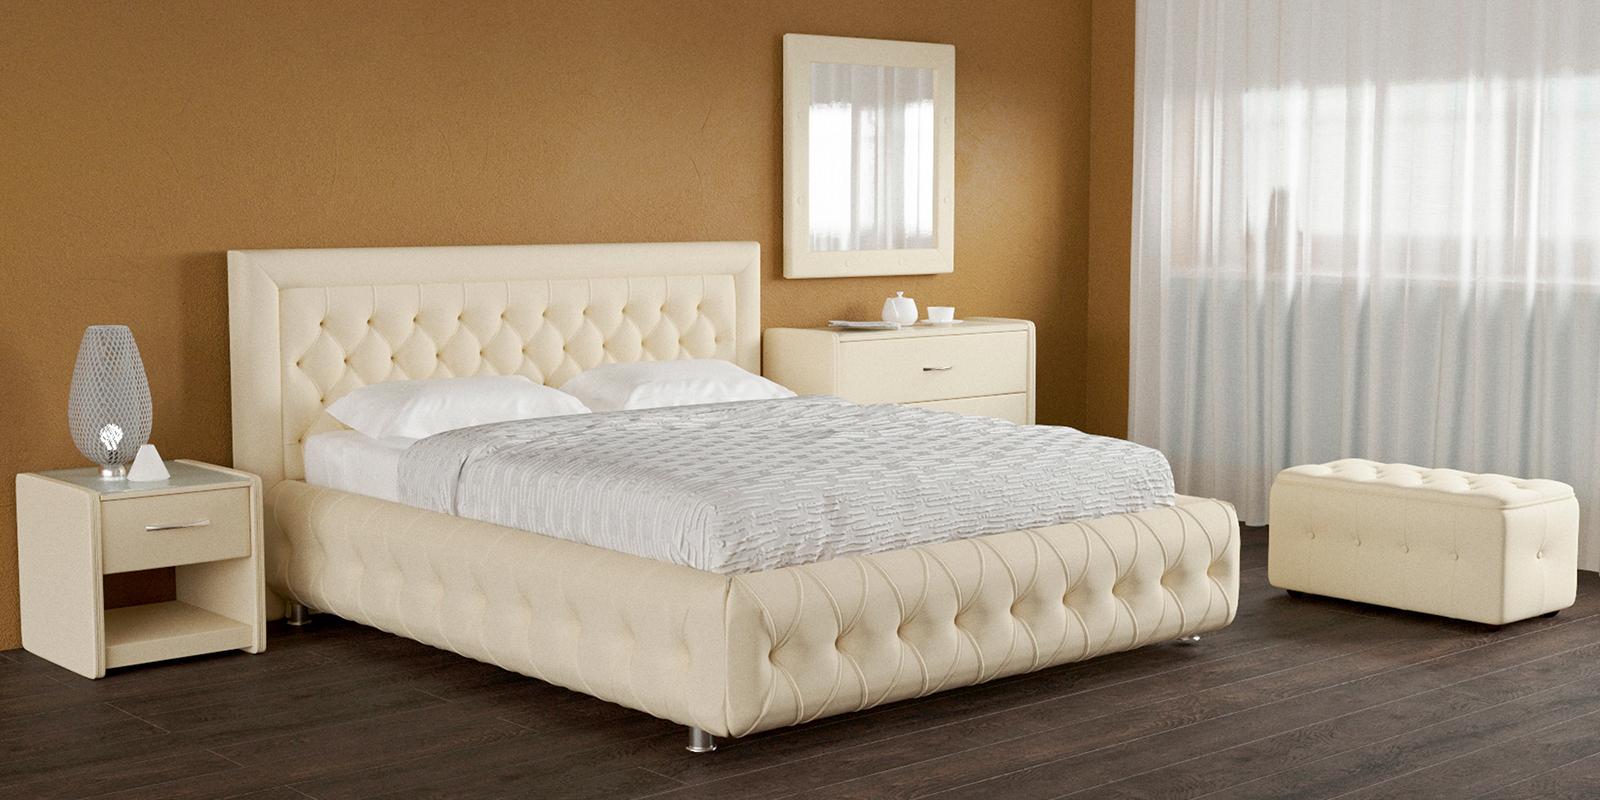 Купить Мягкая кровать 200х160 Малибу вариант №7 с ортопедическим основанием (Бежевый), HomeMe